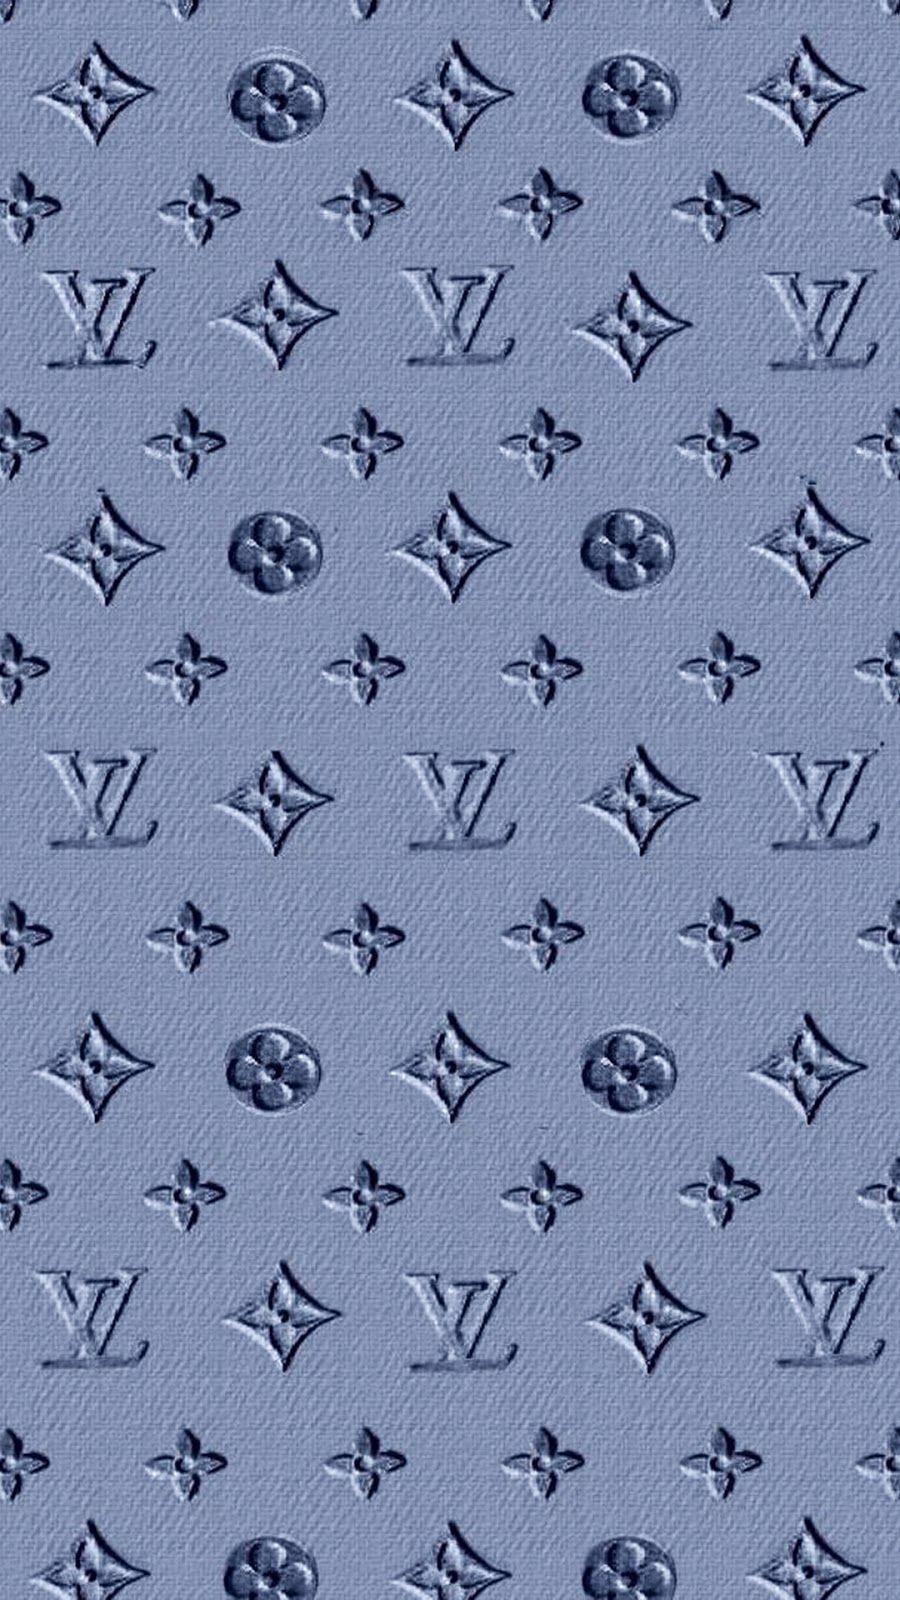 Supreme X Louis Vuitton Wallpapers Top Free Supreme X